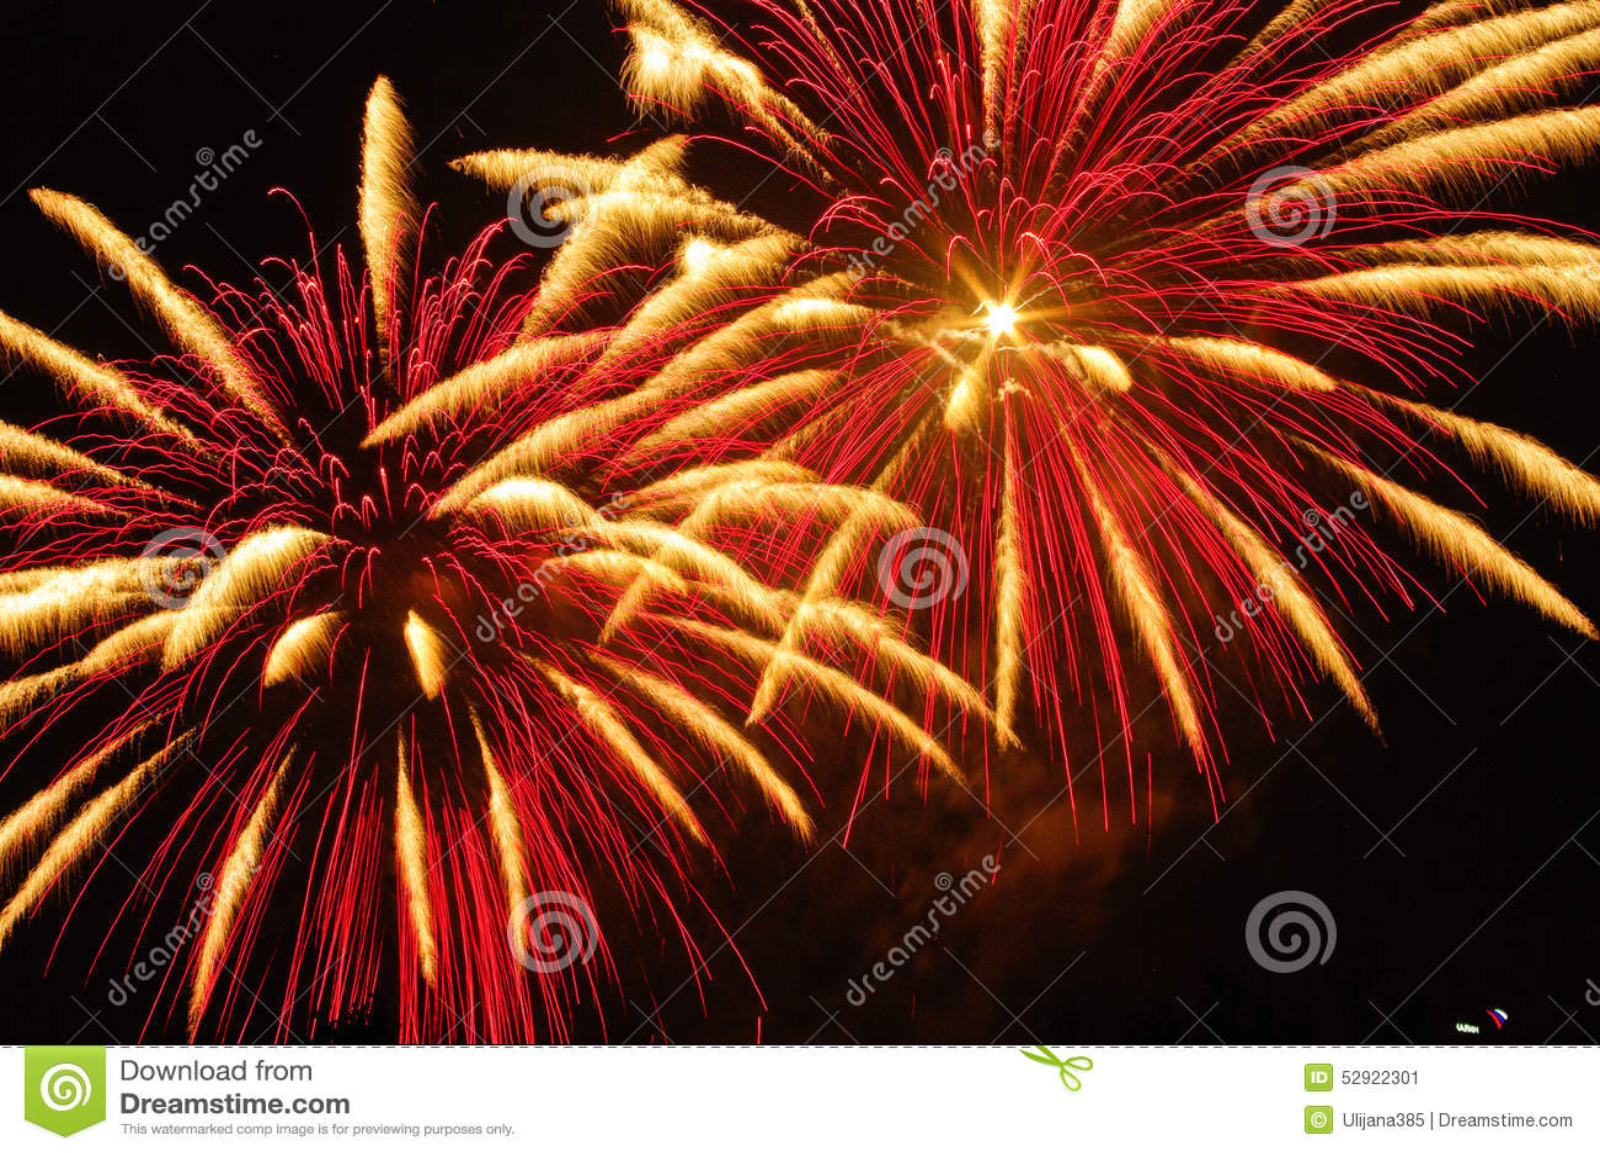 Download Fireworks stock image. Image of color, dark, explode - 52922301